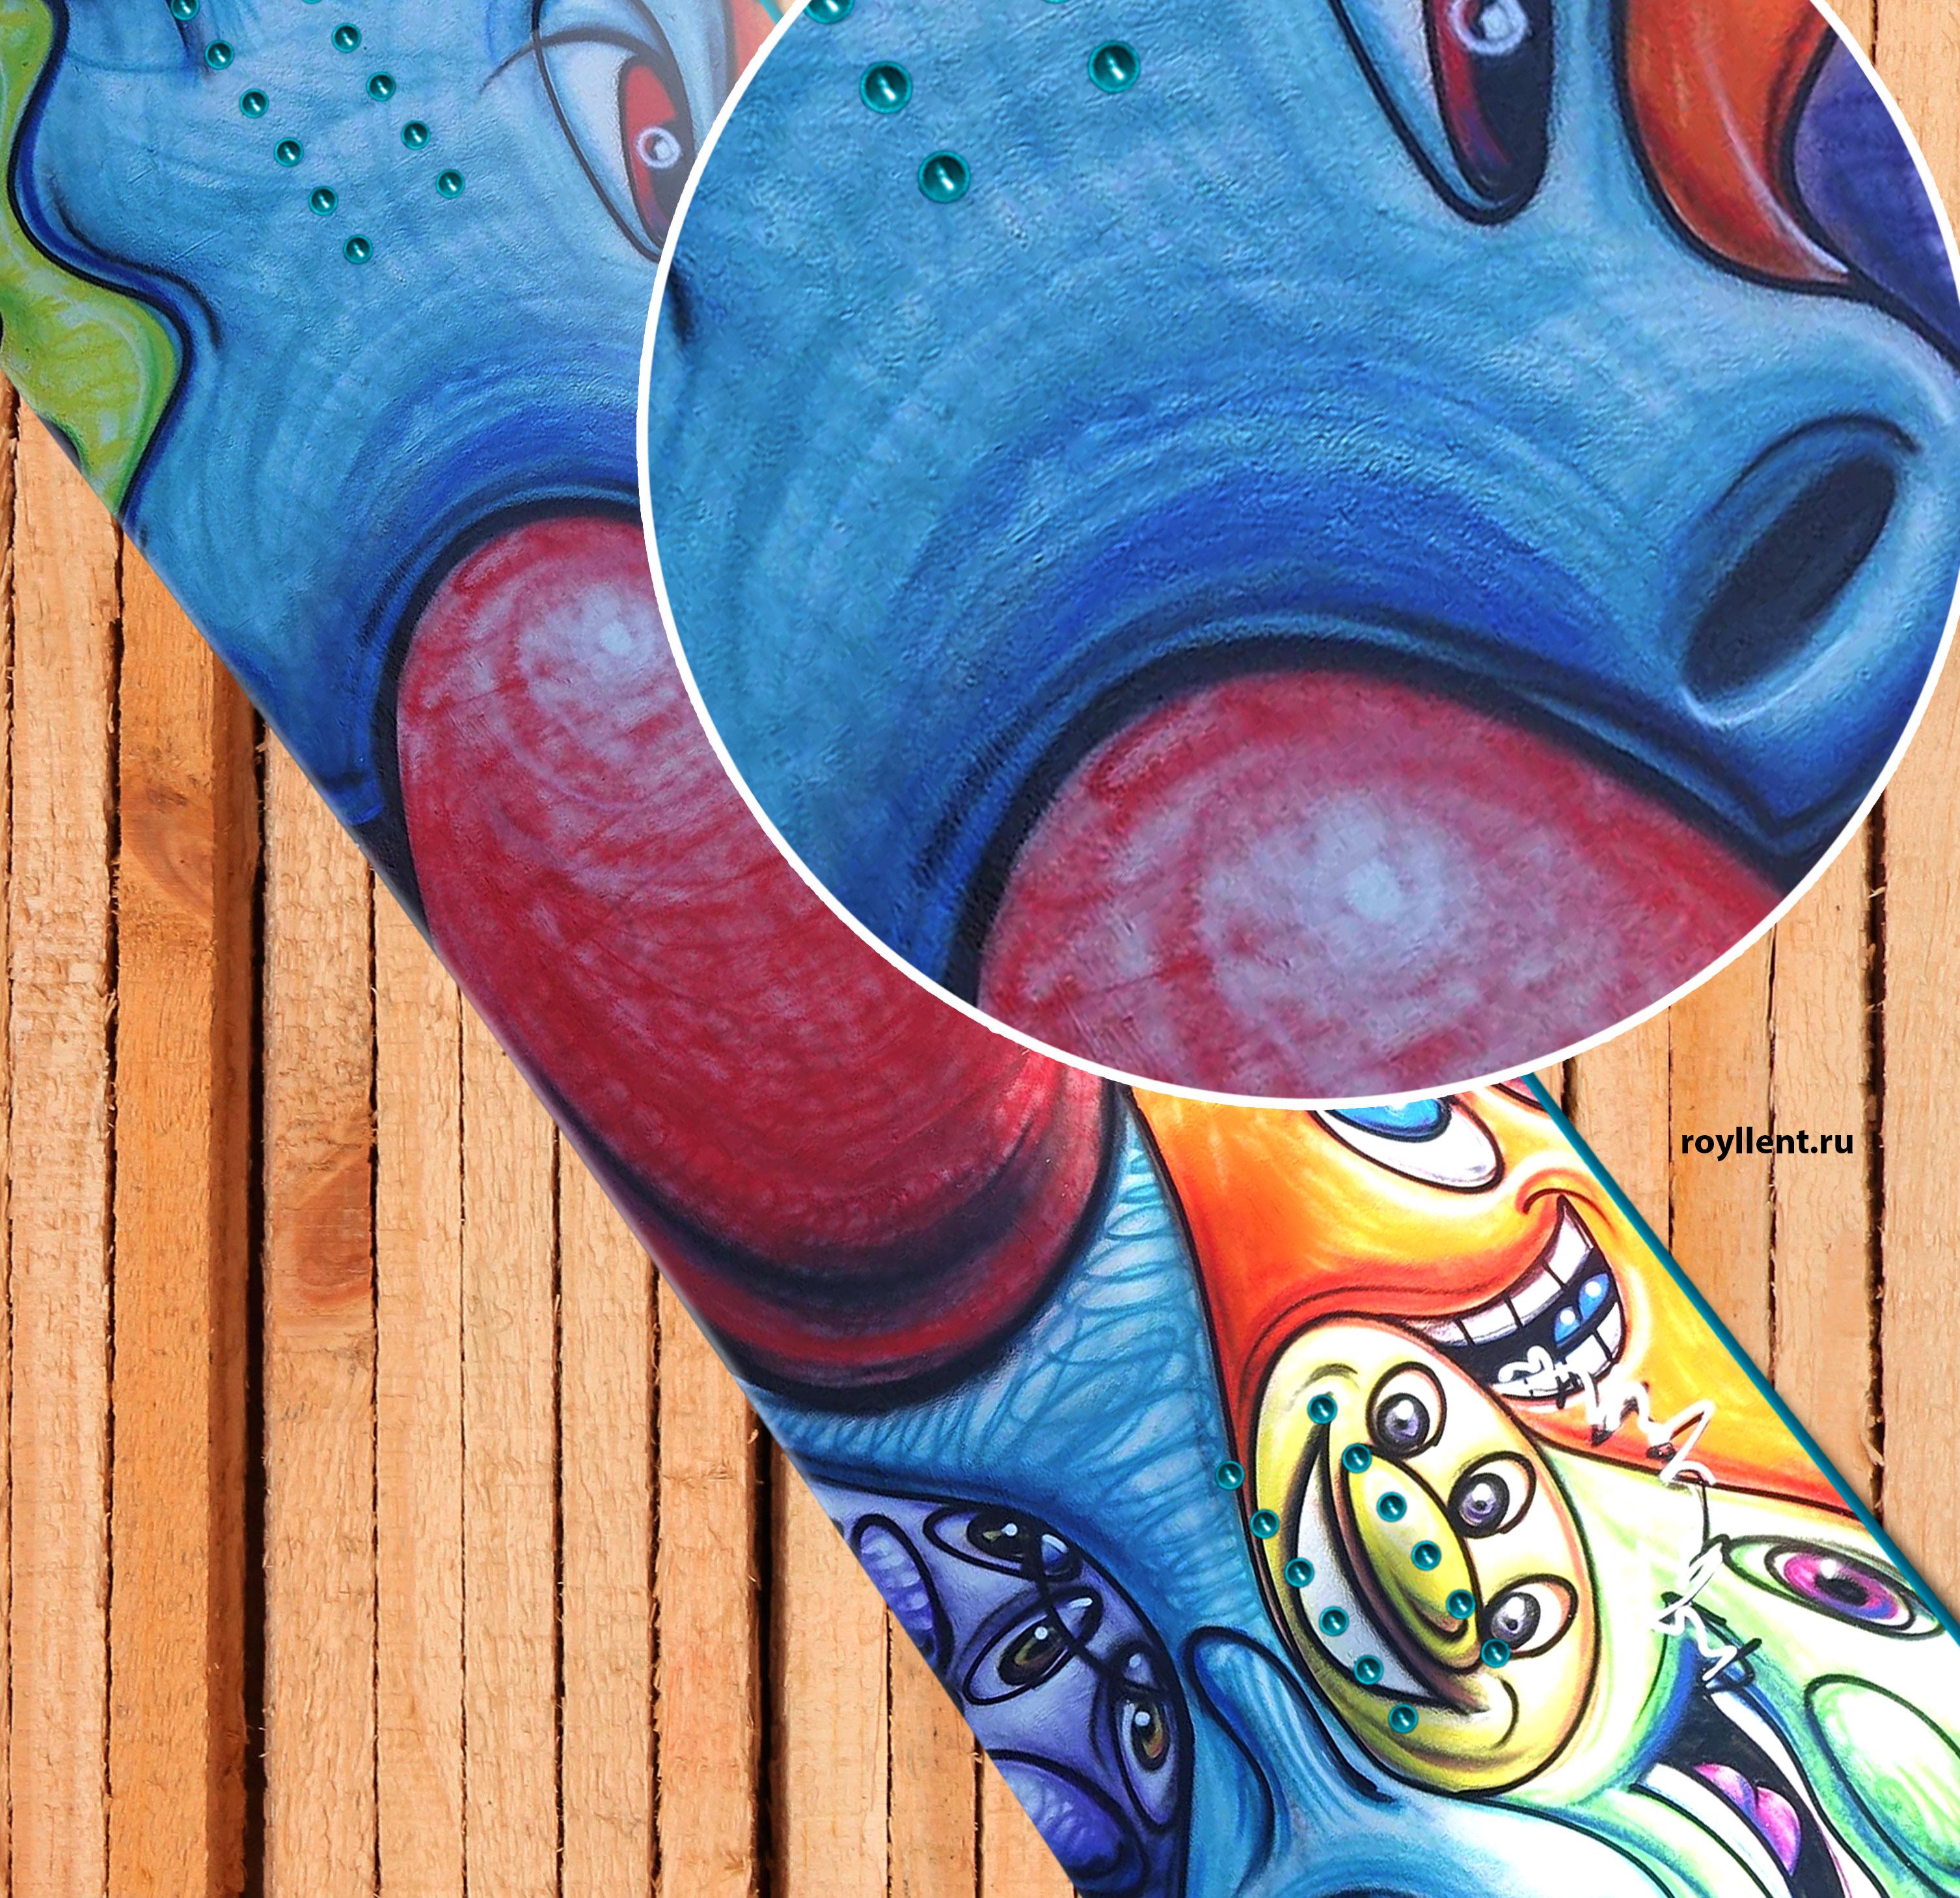 Огромная коллекция виниловых наклеек на сноуборд от 450 руб, с возможностью доставки по всей России. Замените рисунок на своей доске недорого от Royllent.ru